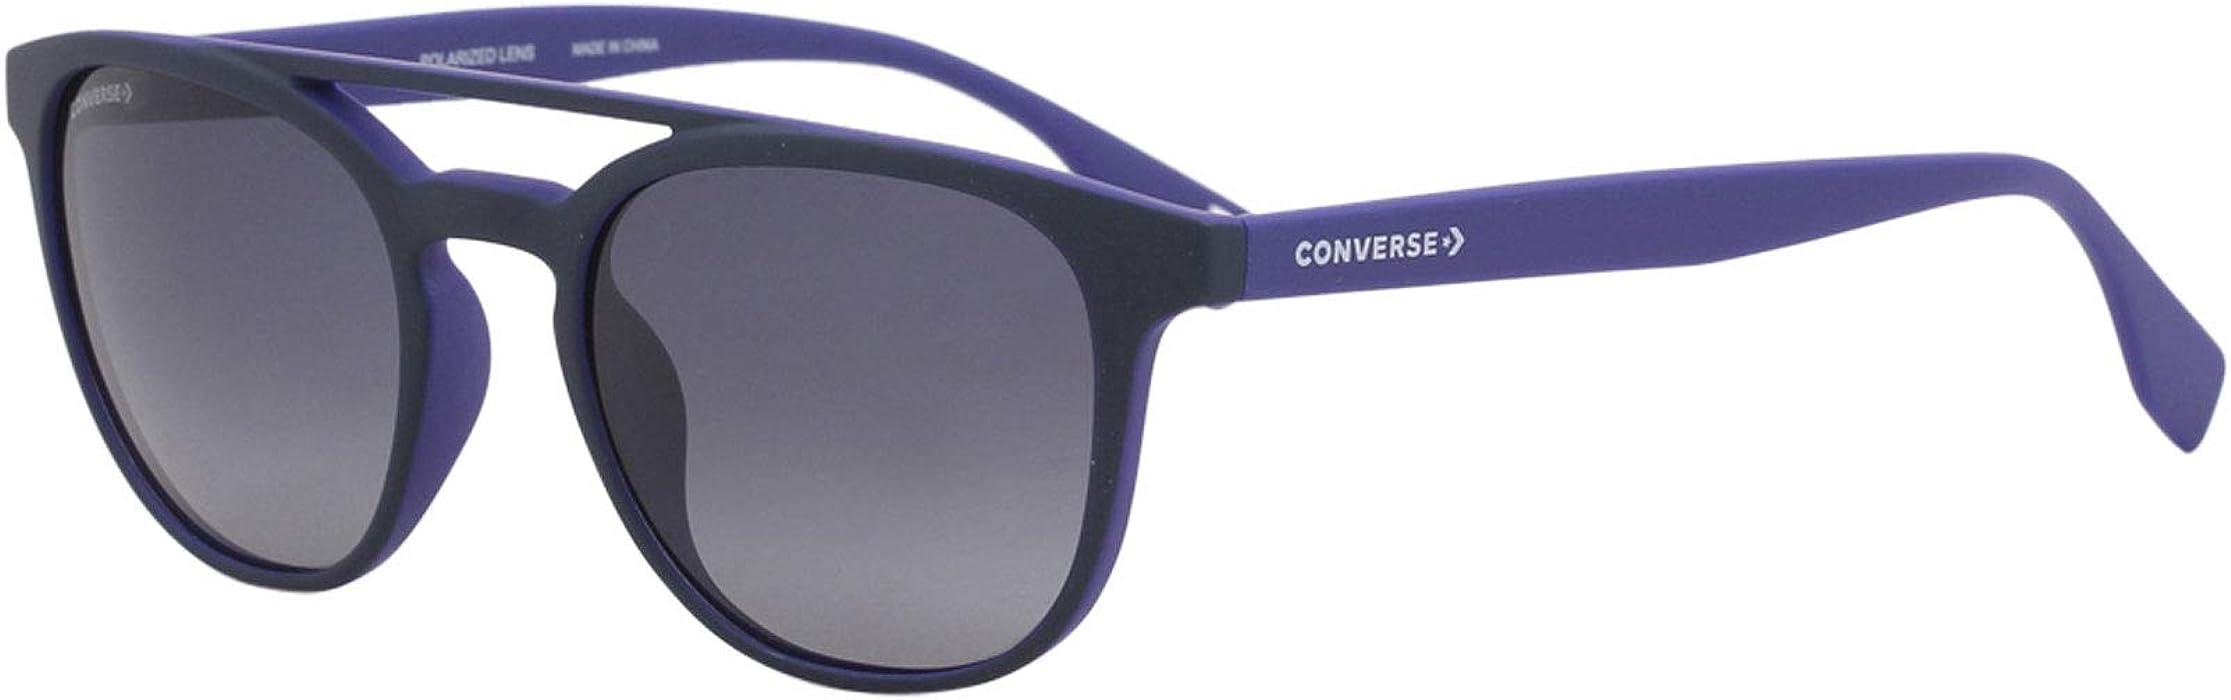 75bf1850bb0 All Star SCO049 Sunglasses Matte Navy w Polarized Dark Blue Gradient Lens  52mm 7U3P SCO049Q SCO 049Q SCO 049